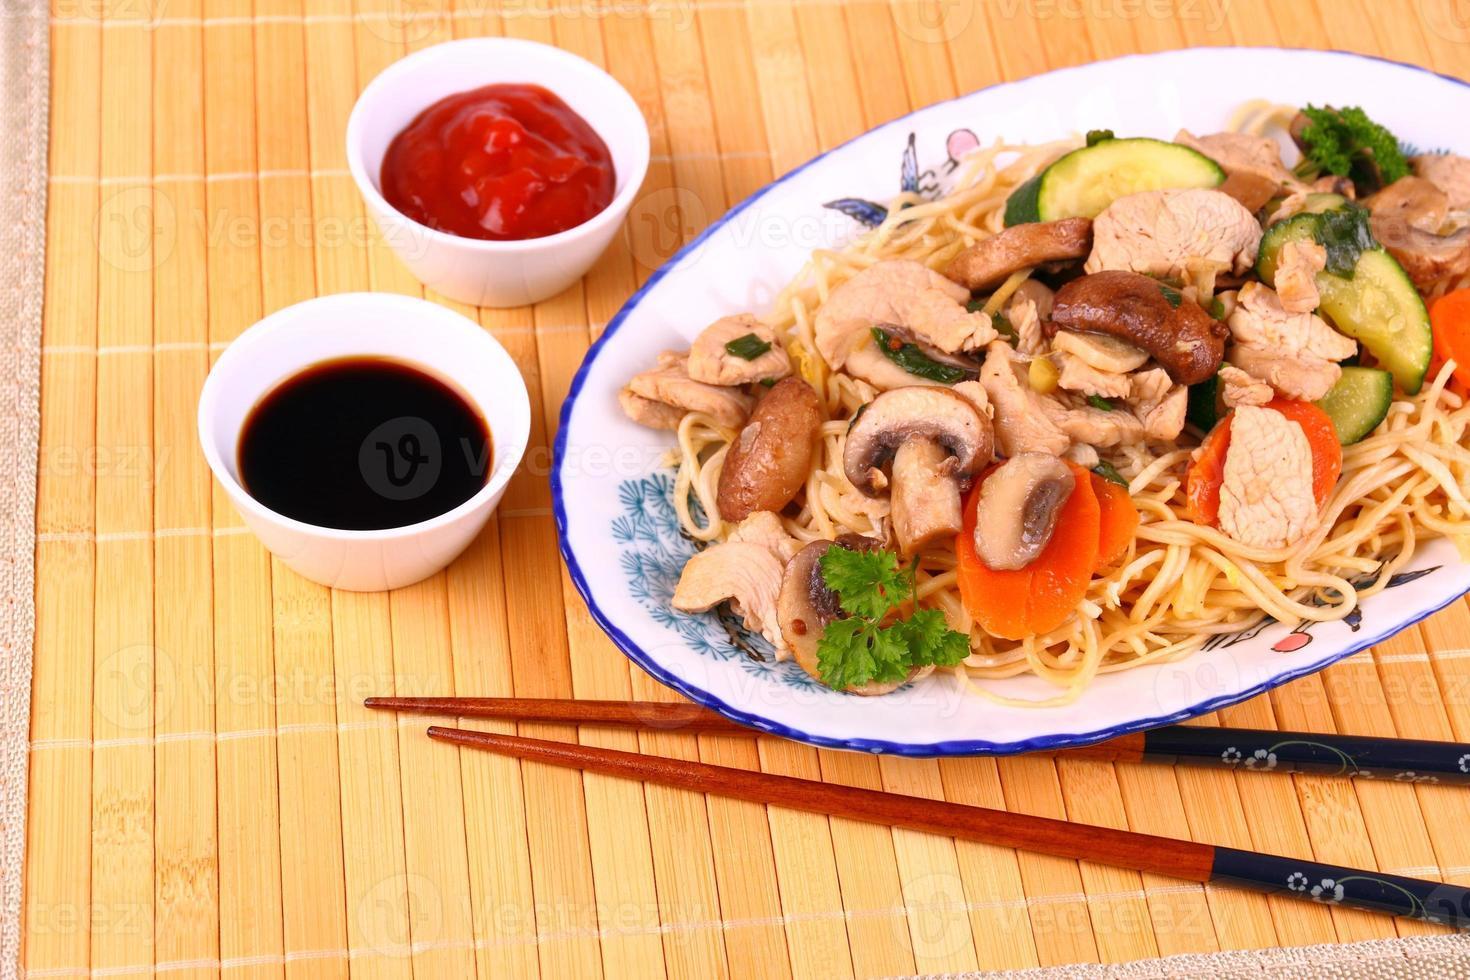 kycklingkött med porslin-asiatisk nudla, grönsaker foto